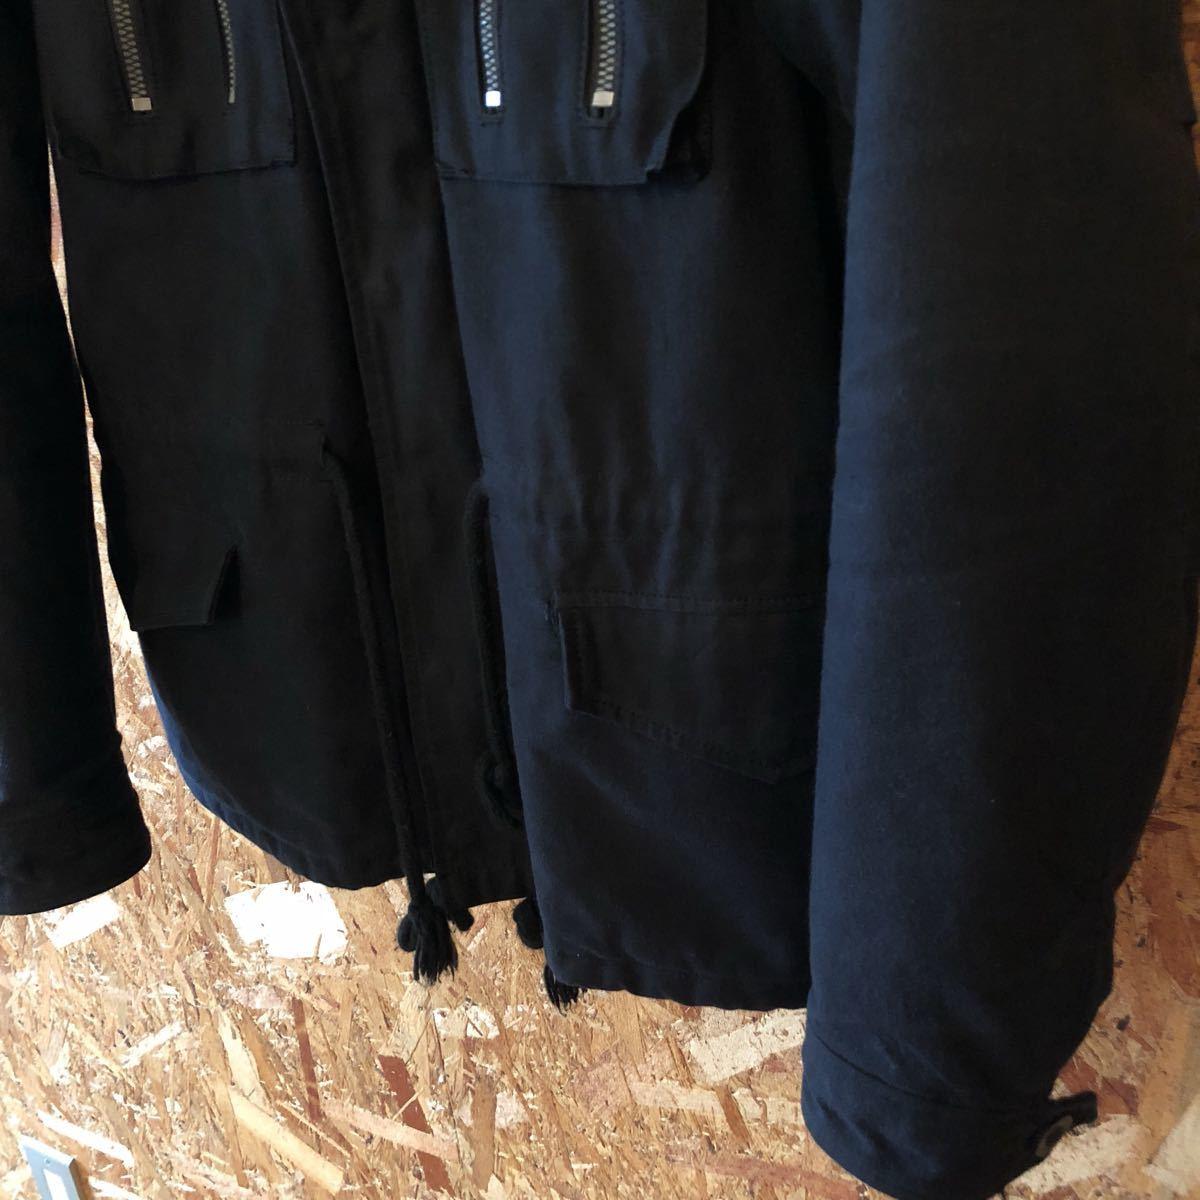 定価9万 PLEDGE プレッジ 三浦着 LIKE A SOLDIER JKT M65黒50 コヨーテファー コート ジャケット ミリタリー N3B ミリタリー アーミー_画像5